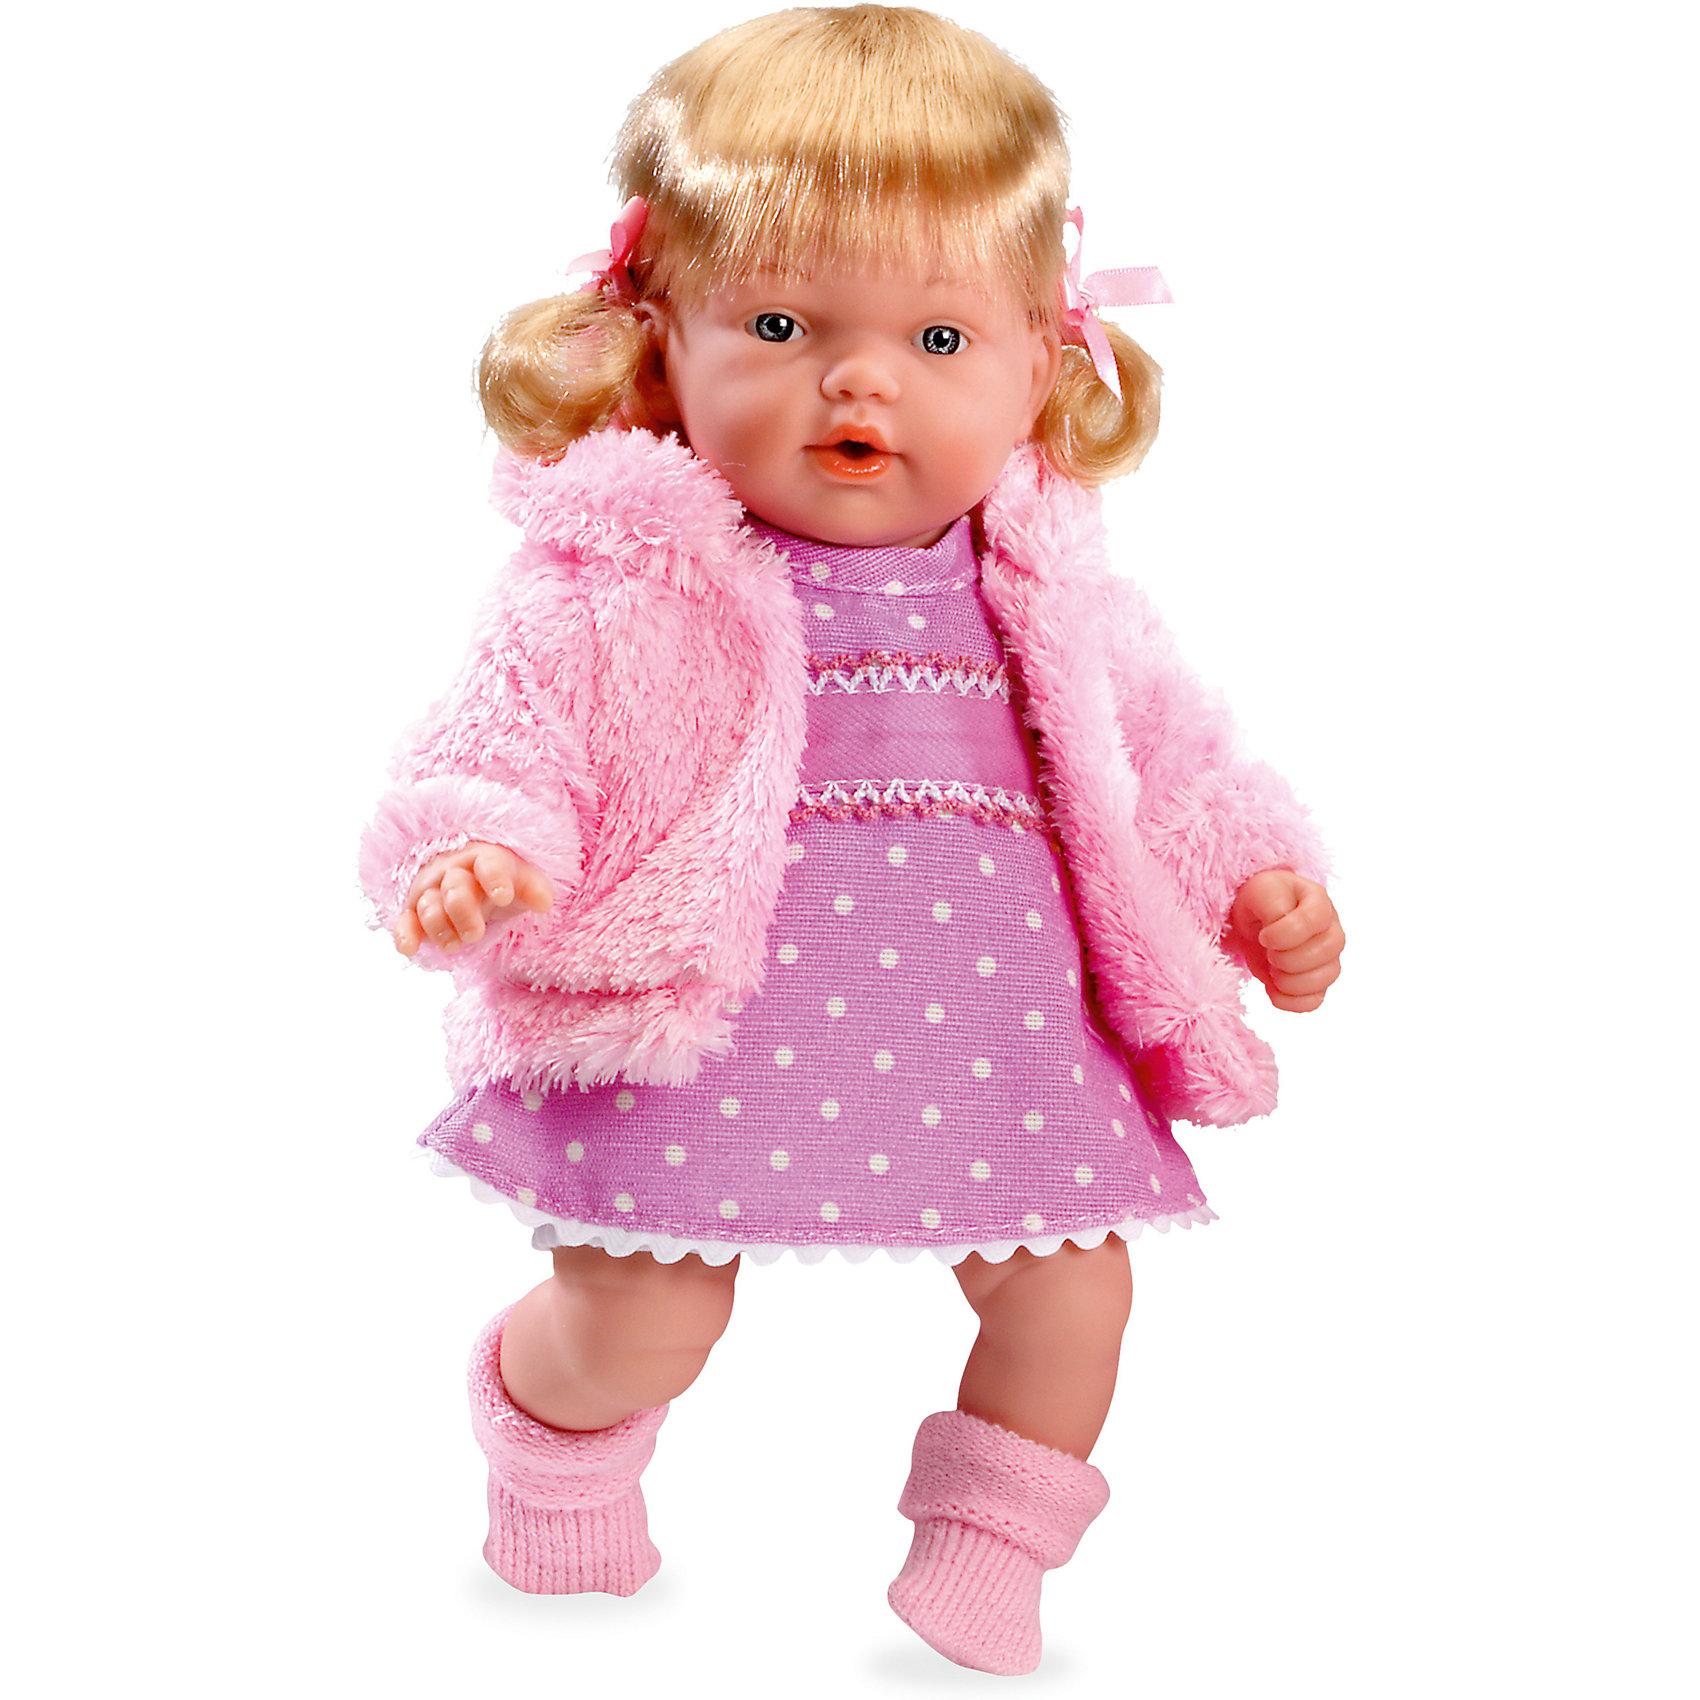 Кукла Elegance, в вязаной курточке, розовом платье, 28 см, смеется, AriasХарактеристики:<br><br>• Вид игр: сюжетно-ролевые<br>• Пол: для девочек<br>• Коллекция: Elegance<br>• Материал: винил, текстиль, нейлон<br>• Длина куклы: 28 см<br>• Комплектация: кукла, соска, платьице, шубка, носочки<br>• Подвижные ручки и ножки <br>• Умеет смеяться<br>• Батарейки: 3 x AG13 / LR44 (предусмотрены в комплекте)<br>• Вес в упаковке: 1 кг 017 г<br>• Размеры упаковки (Г*Ш*В): 35*20*12 см<br>• Упаковка: картонная коробка<br>• Особенности ухода: куклу можно купать, одежда – ручная стирка<br><br>Кукла Elegance, в вязаной курточке, розовом платье, 28 см, смеется, Arias изготовлена известным испанским торговым предприятием Munecas, который специализируется на выпуске кукол и пупсов. Пупсы и куклы Arias с высокой степенью достоверности повторяют облик маленьких детей, благодаря мельчайшим деталям внешнего вида и одежды игрушки выглядят мило и очаровательно. Кукла выполнена из винила, у нее подвижные ручки и ножки, четко прорисованные глаза и брови, курносый носик и пухленькие губки. Светлые густые волосы собраны в два озорных хвостика. Малышка одета в платьице с рисунком в горошек, пушистую розовую шубку, на ножках у нее теплые носочки. При нажатии на животик, кукла начинает смеяться. Кукла Elegance, в вязаной курточке, розовом платье, 28 см, смеется, Arias станет идеальным подарком для девочки к любому празднику.<br><br>Кукла Elegance, в вязаной курточке, розовом платье, 28 см, смеется, Arias можно купить в нашем интернет-магазине.<br><br>Ширина мм: 350<br>Глубина мм: 120<br>Высота мм: 200<br>Вес г: 700<br>Возраст от месяцев: 36<br>Возраст до месяцев: 120<br>Пол: Женский<br>Возраст: Детский<br>SKU: 5355534